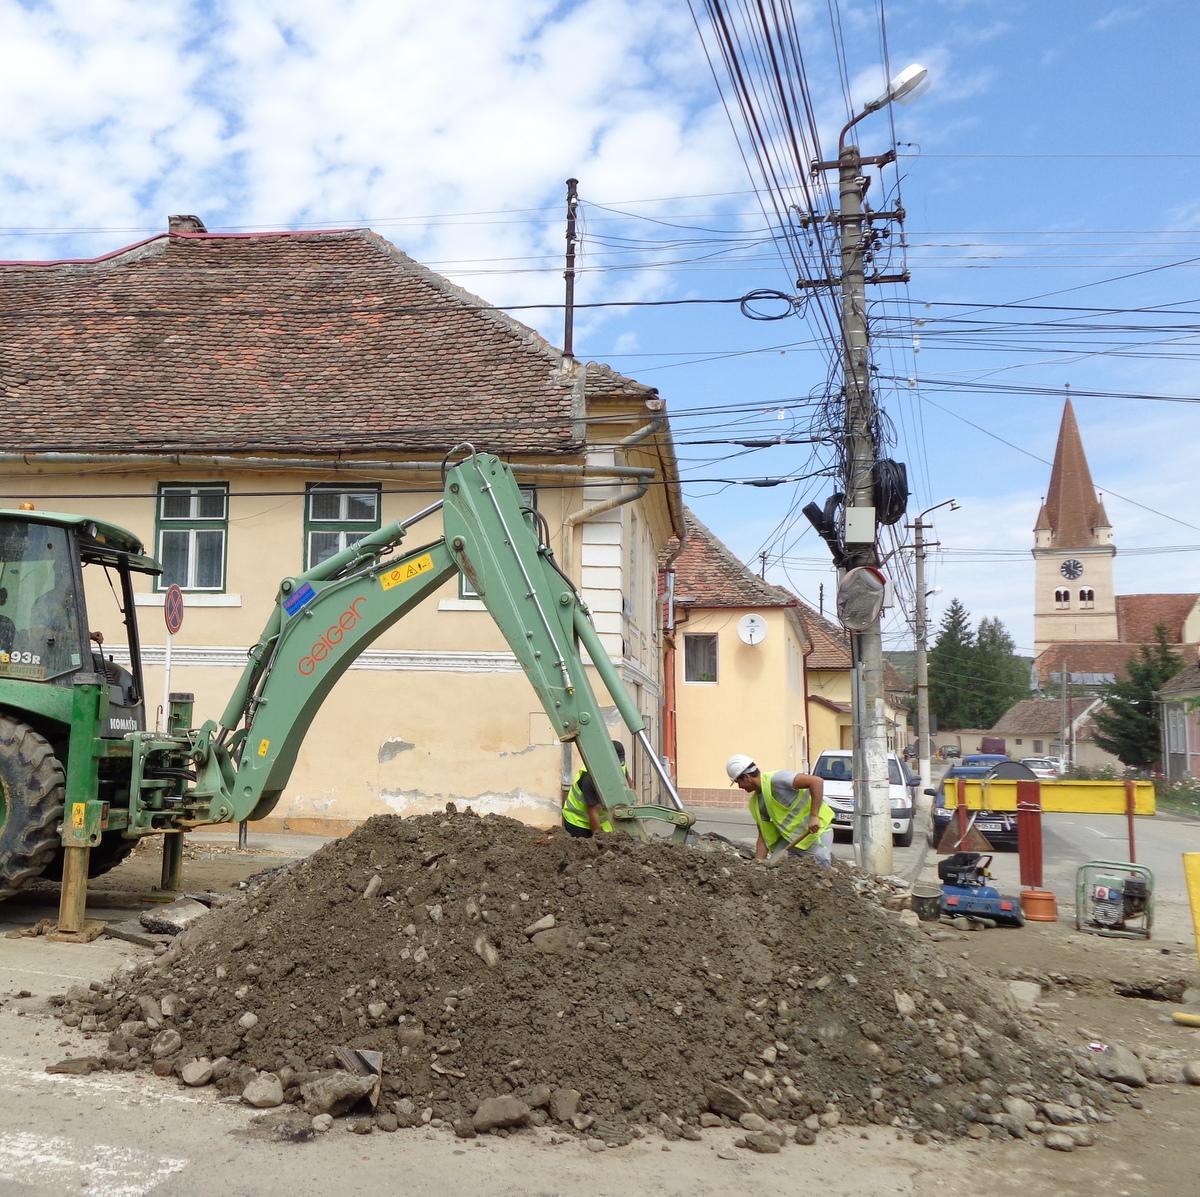 Lucrări de remediere a unei avarii a conductei de distribuție apă potabilă, cu afectarea furnizării pe mai multe străzi din Cisnădie